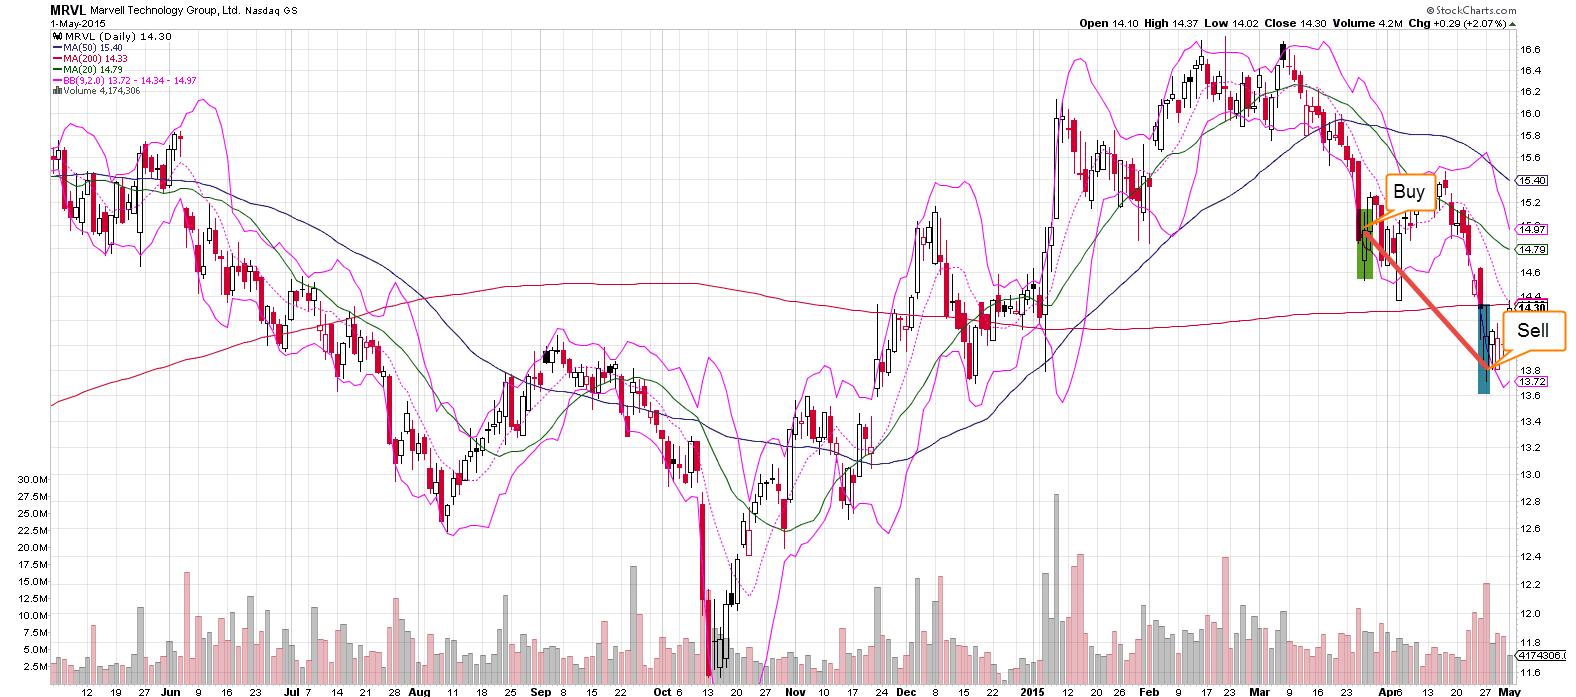 MRVL Trade Completion - 27.4.15